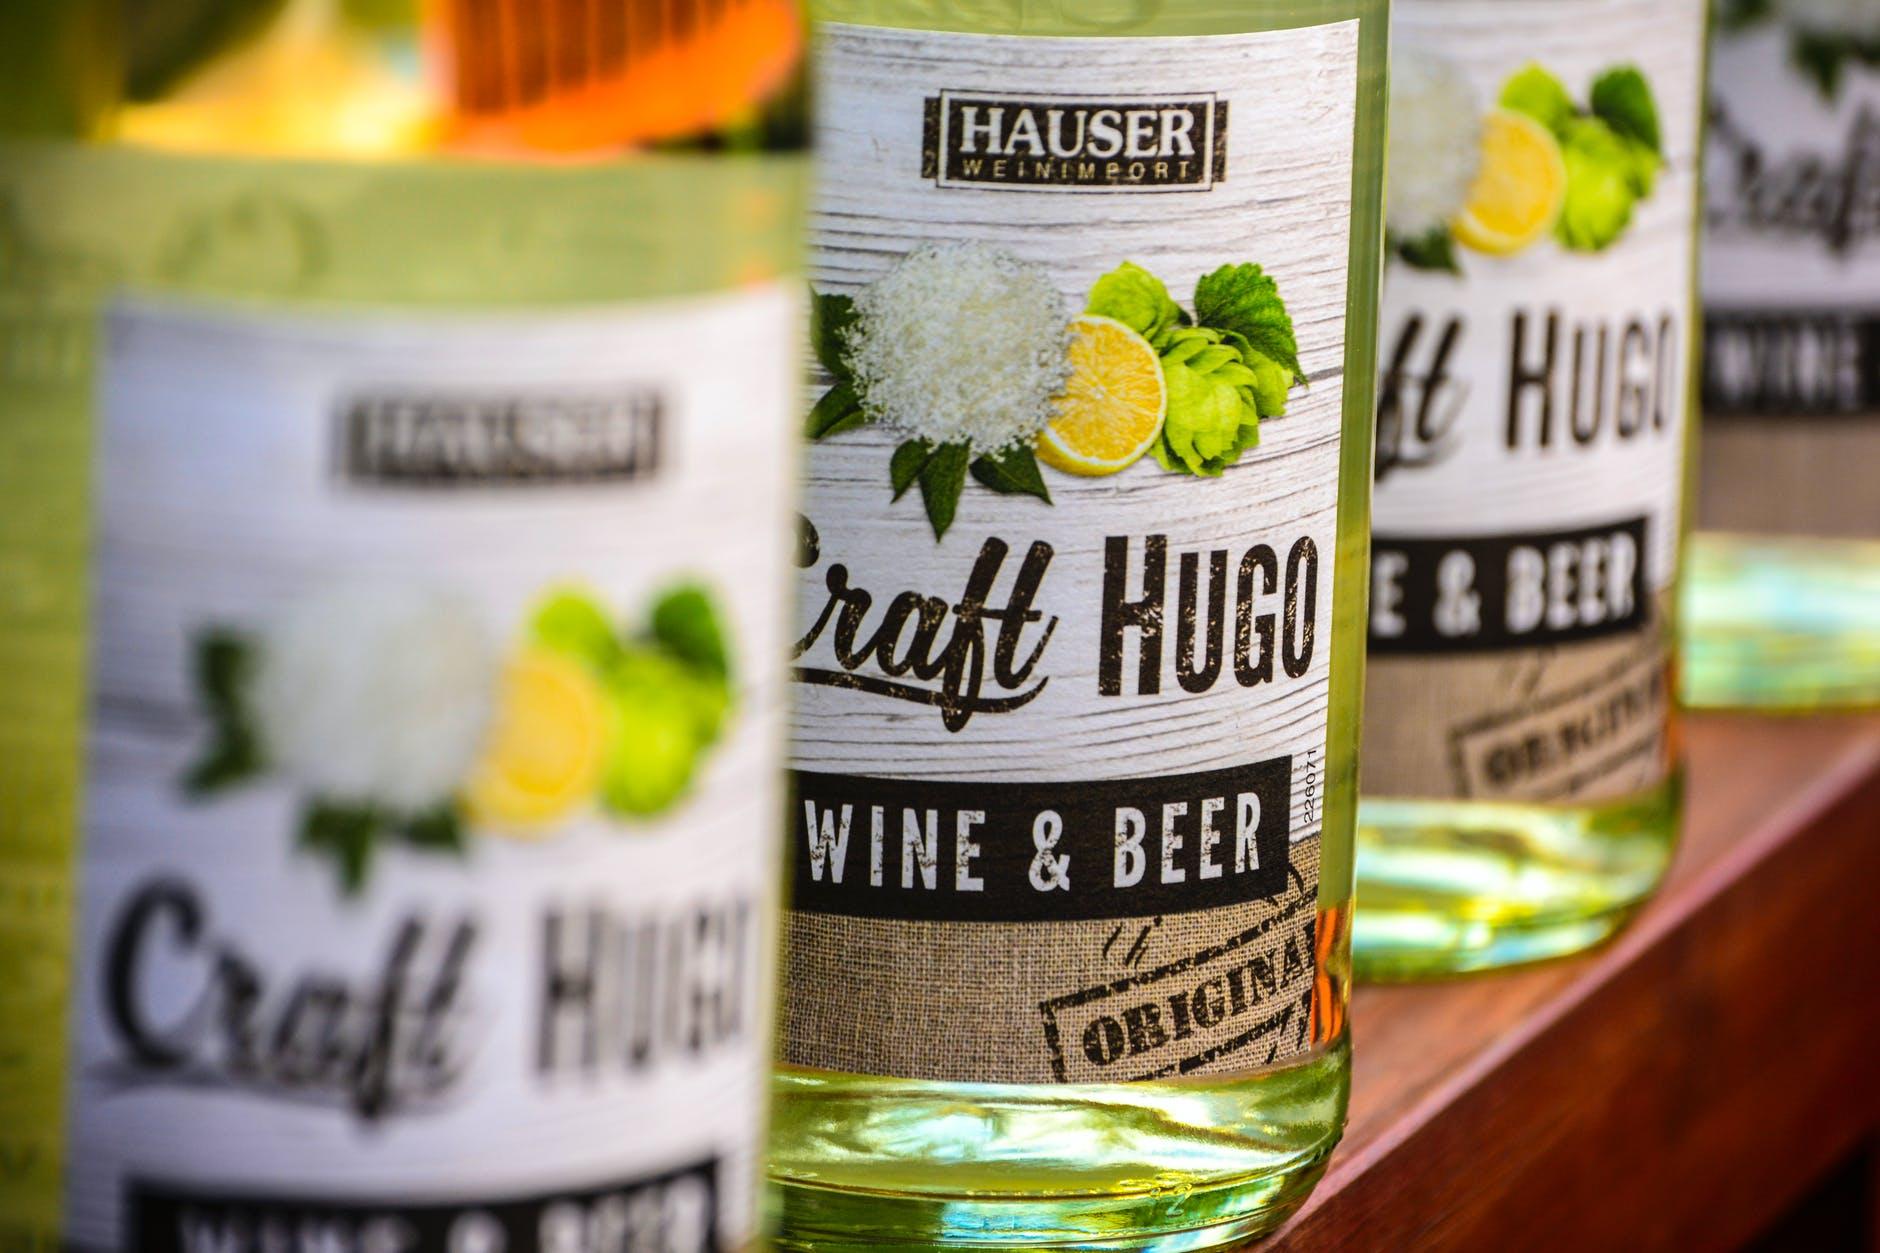 hauser craft hugo wine and beer bottles